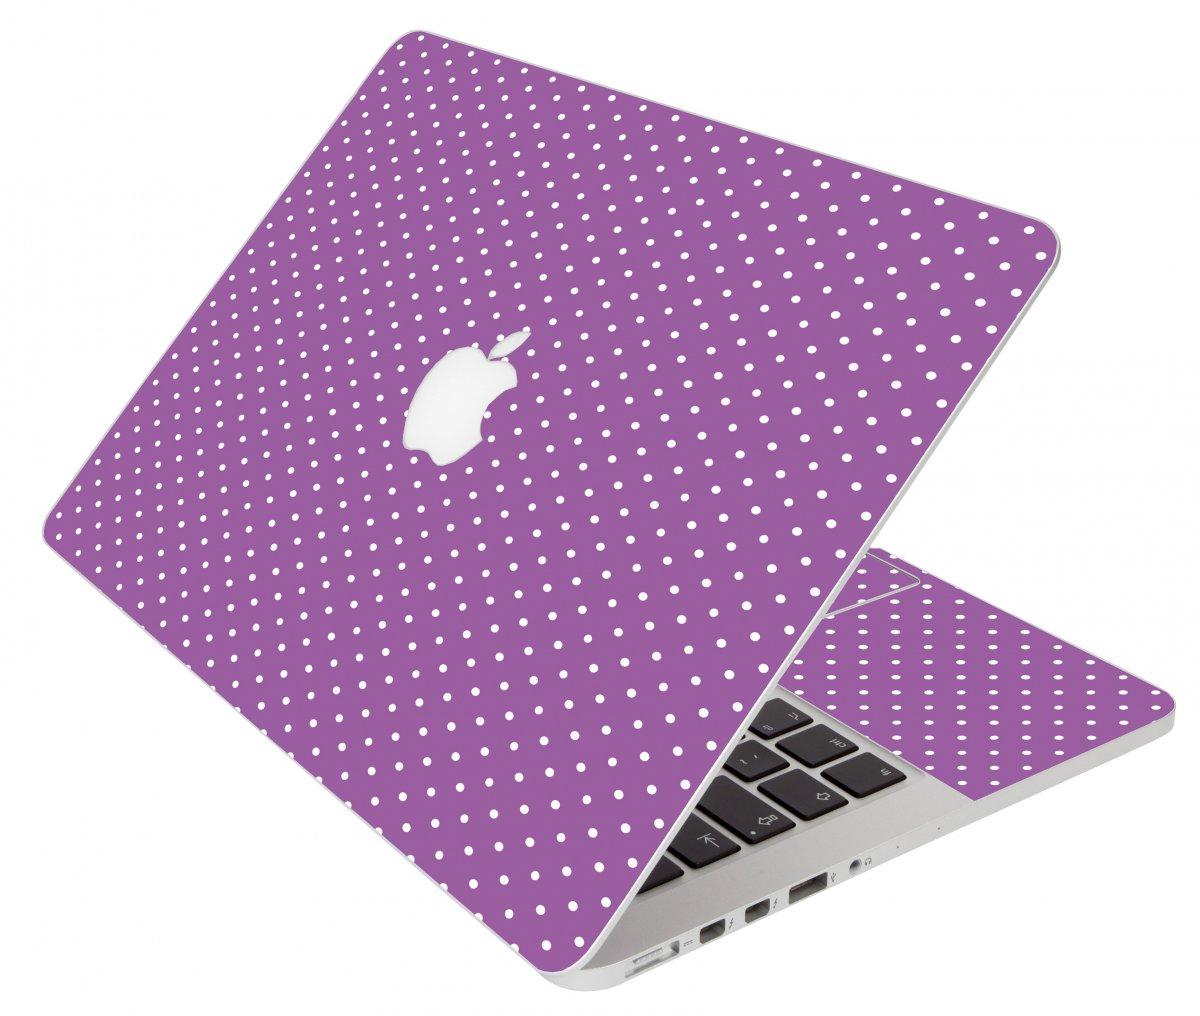 Purple Polka Dot Apple Macbook Pro 15 A1286 Laptop Skin